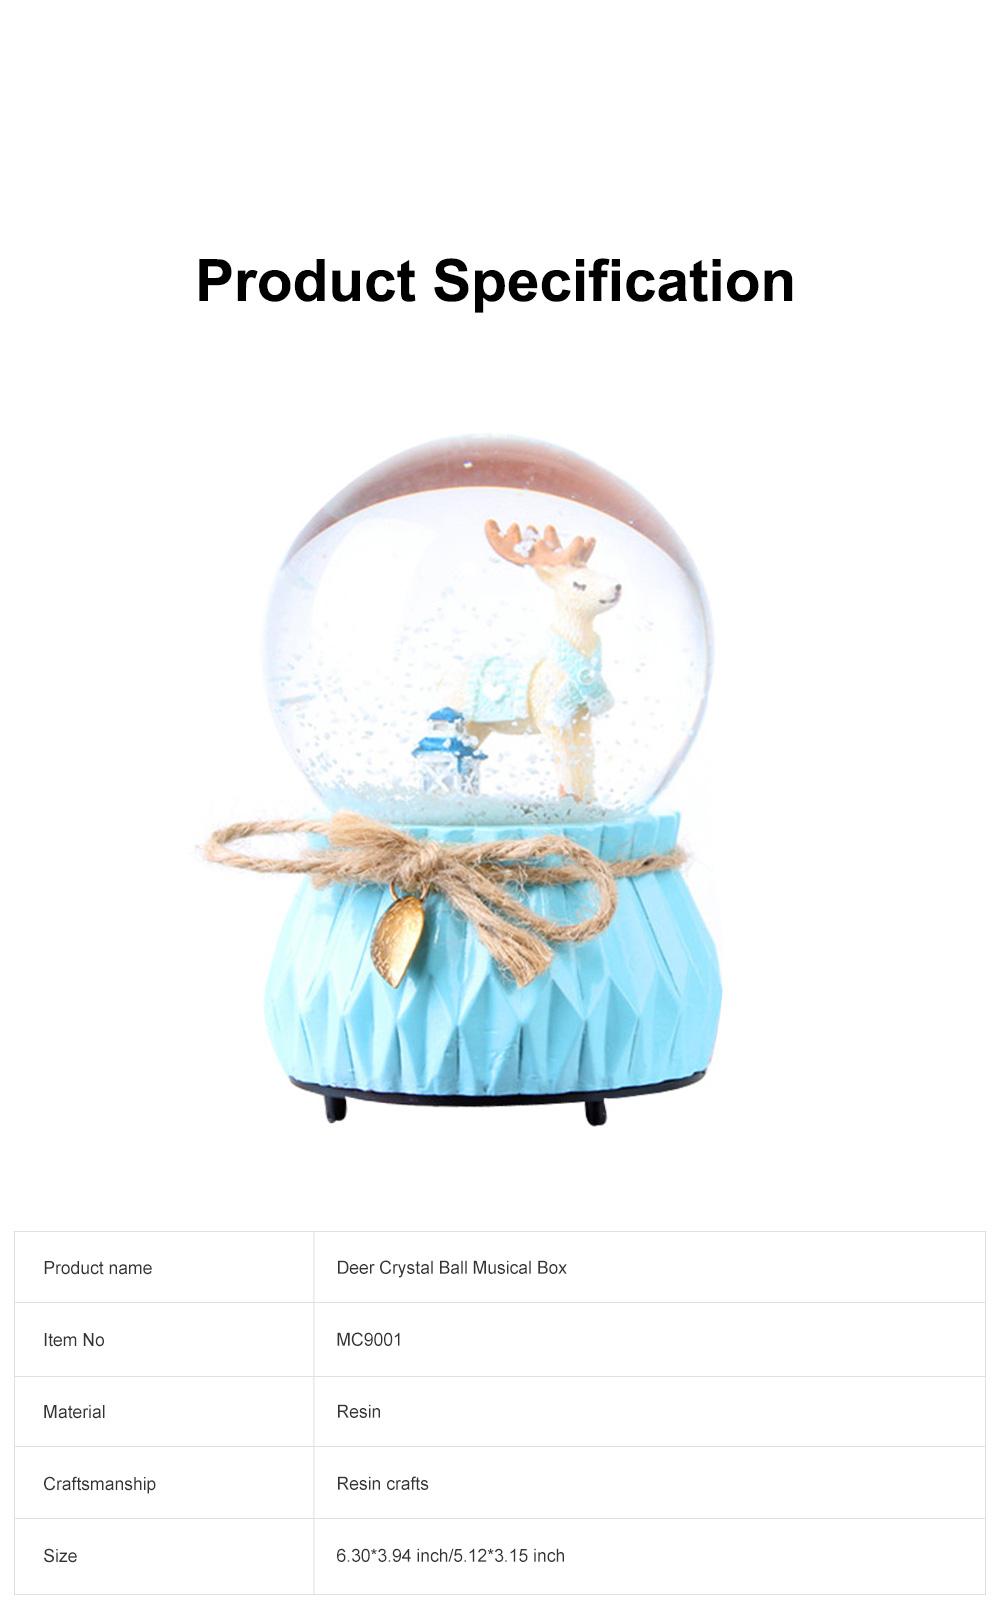 Deer Crystal Ball Rotating Musical Box Resin Base Snowflake Craft Ball for Birthday Gift Christmas Decoration 6